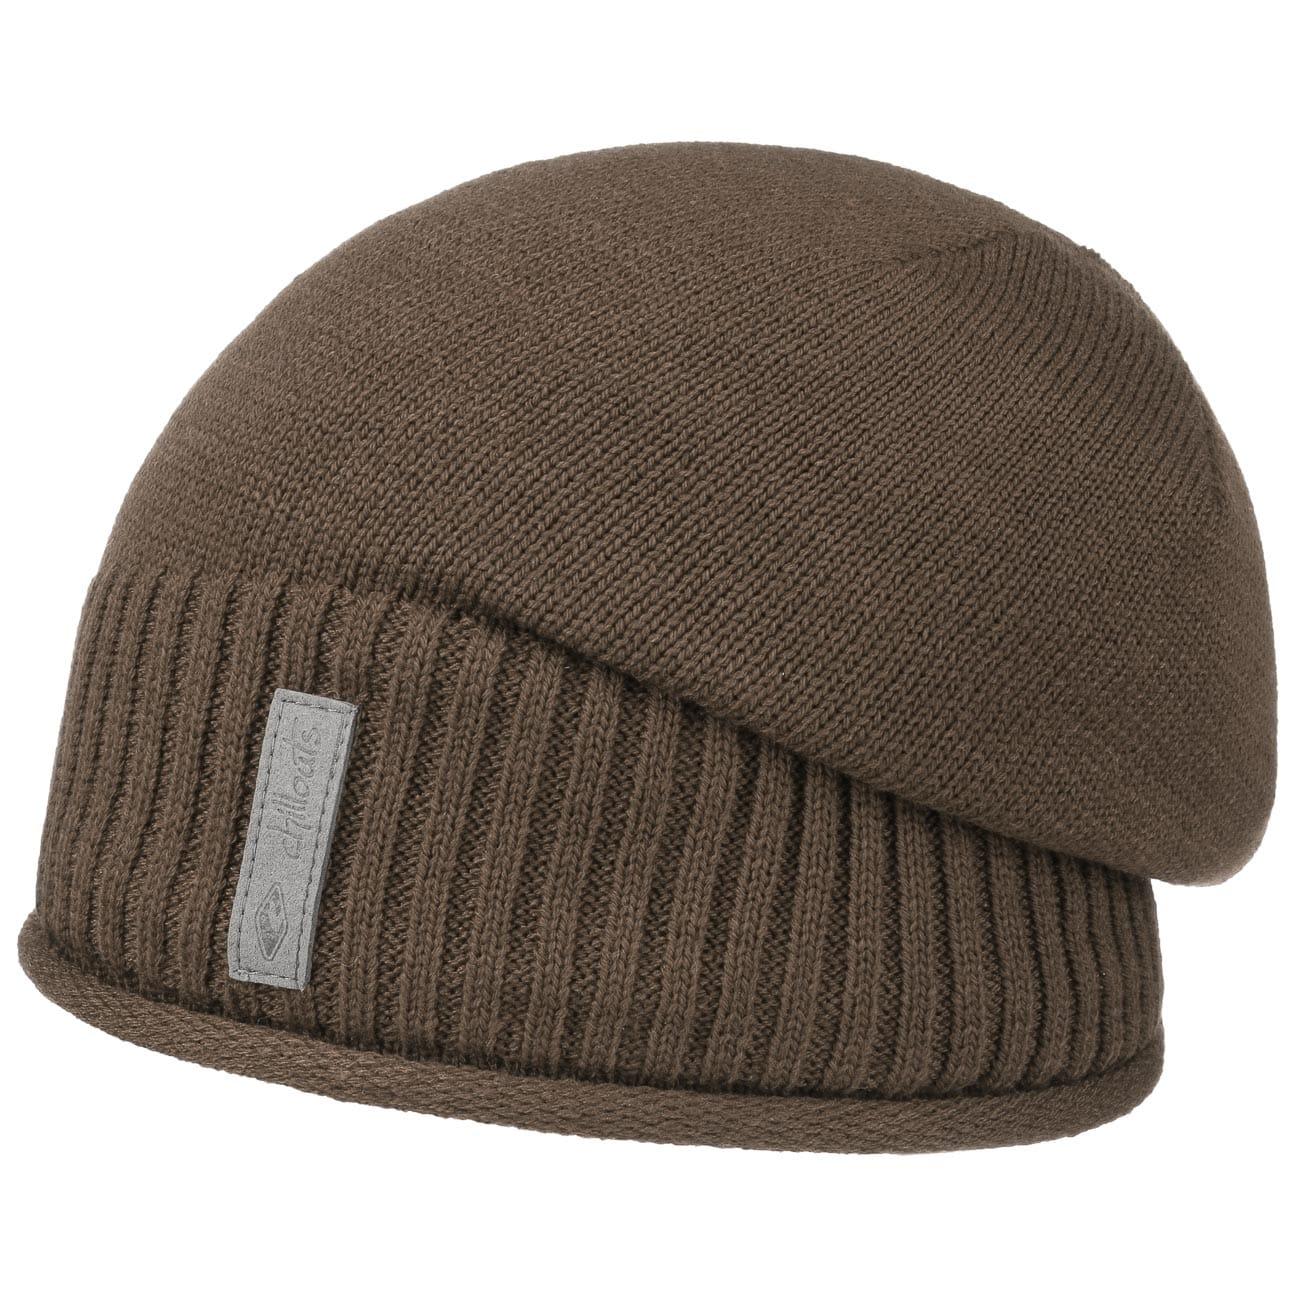 Bonnet Etien avec Doublure by Chillouts  bonnet en tricot